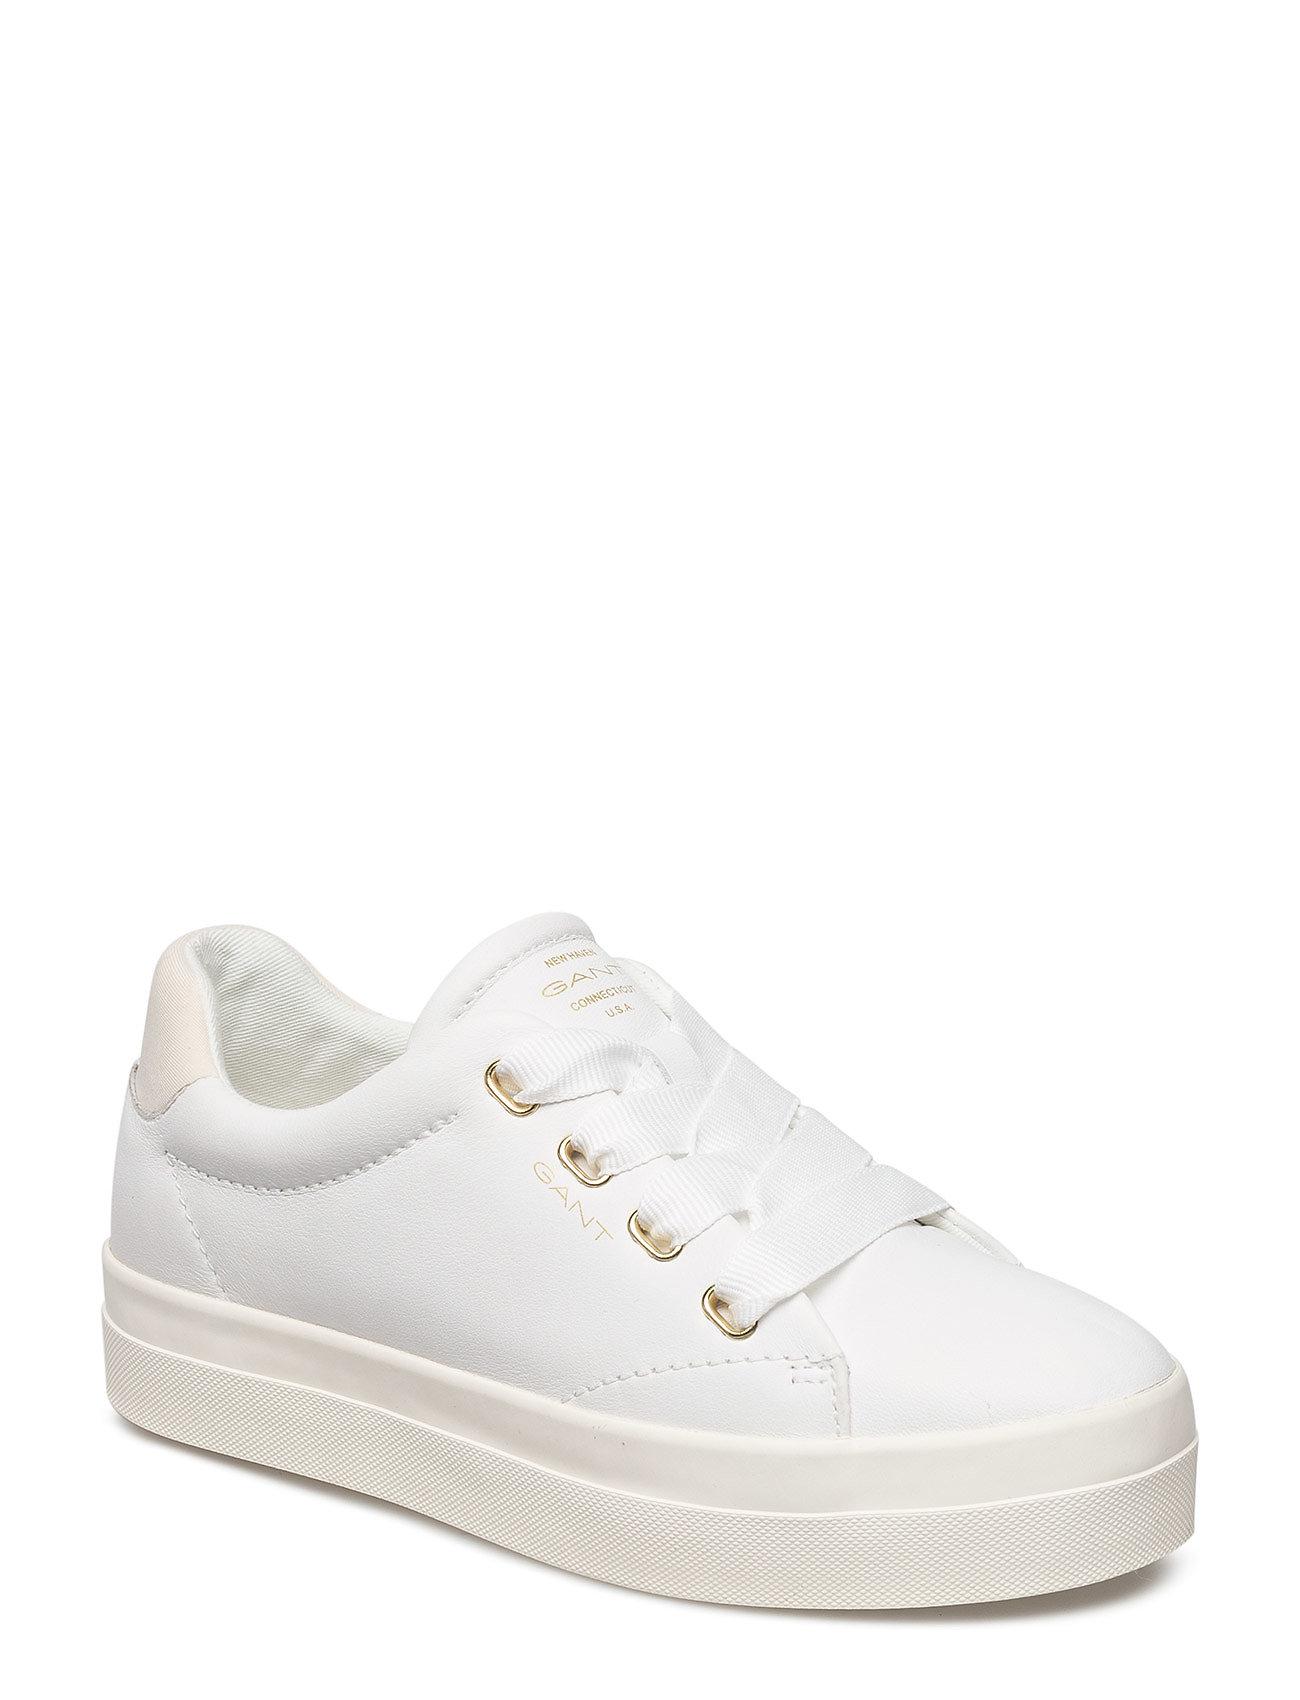 Bild på Amanda Low Lace Shoes